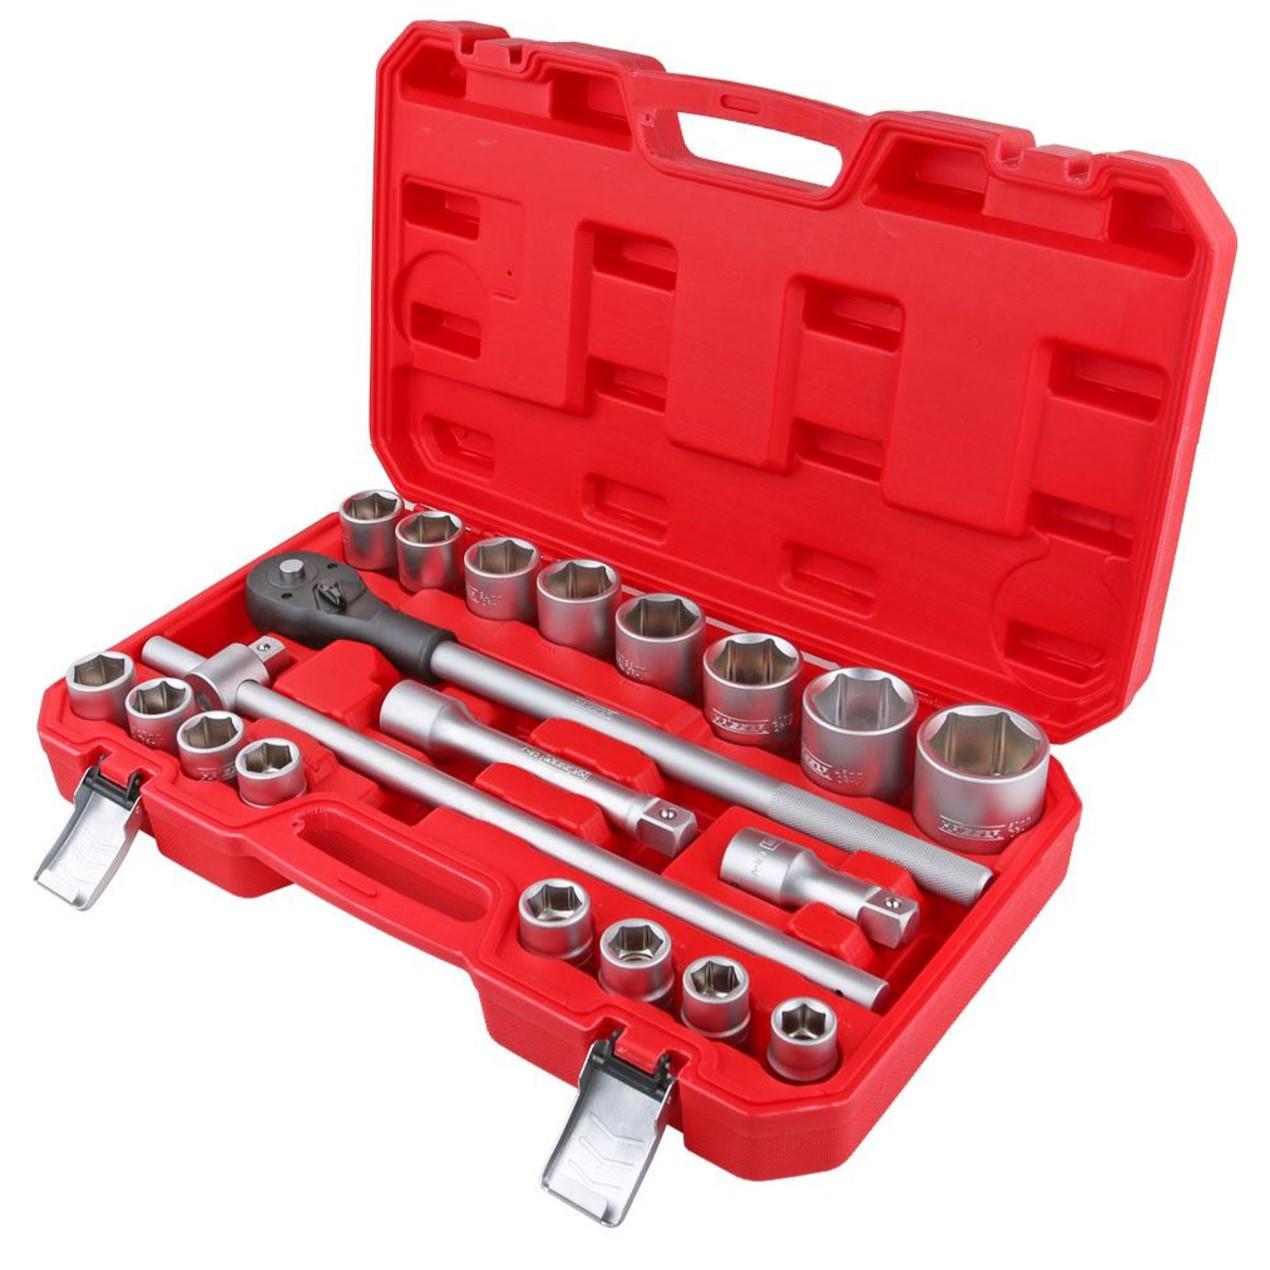 """Профессиональный набор инструментов HAISSER 3/4"""" 20 ед. (70114)"""